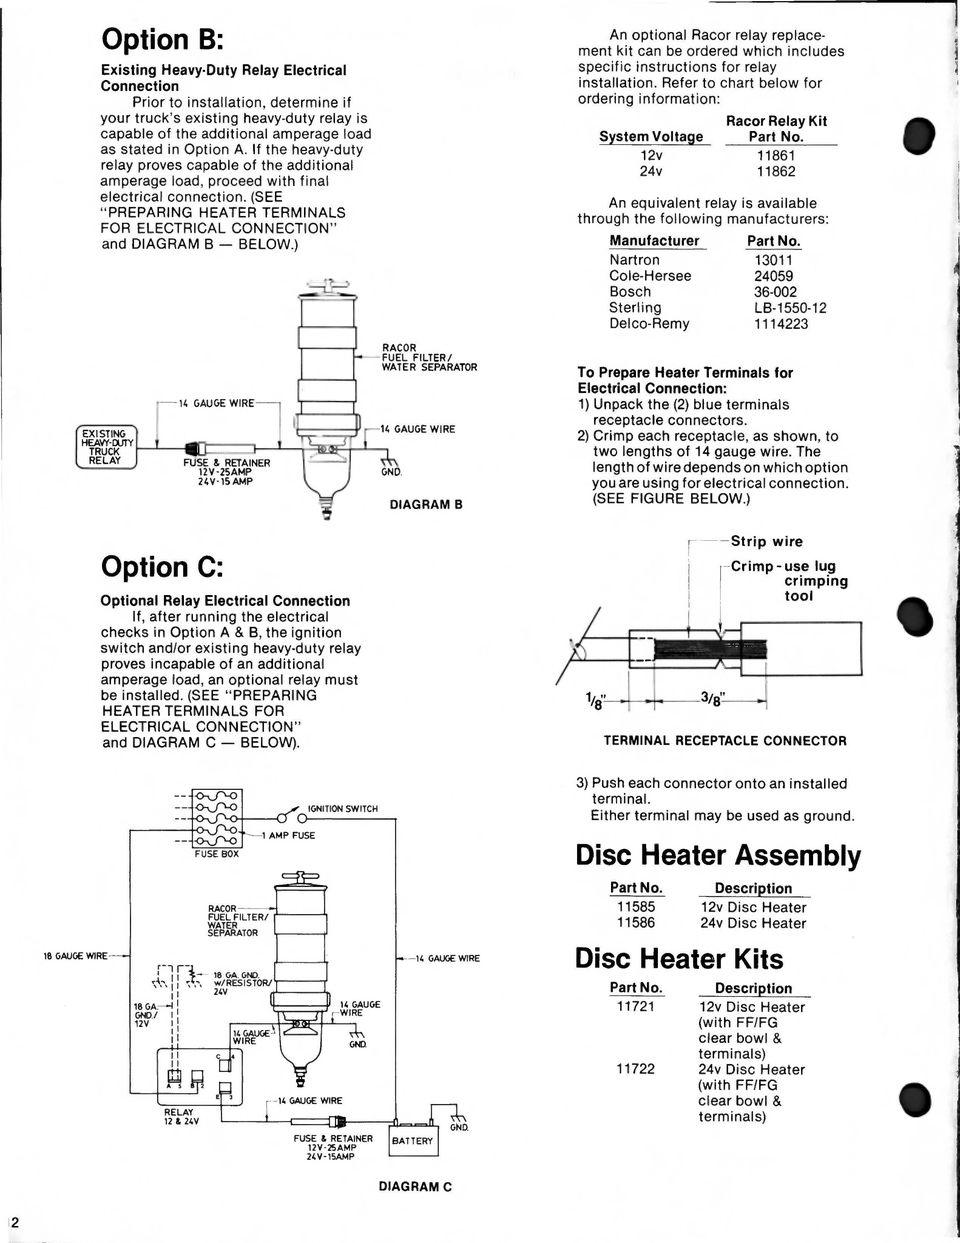 hight resolution of 14 gauge wire fuse retainer 12v 25amp 2 4v 15 amp